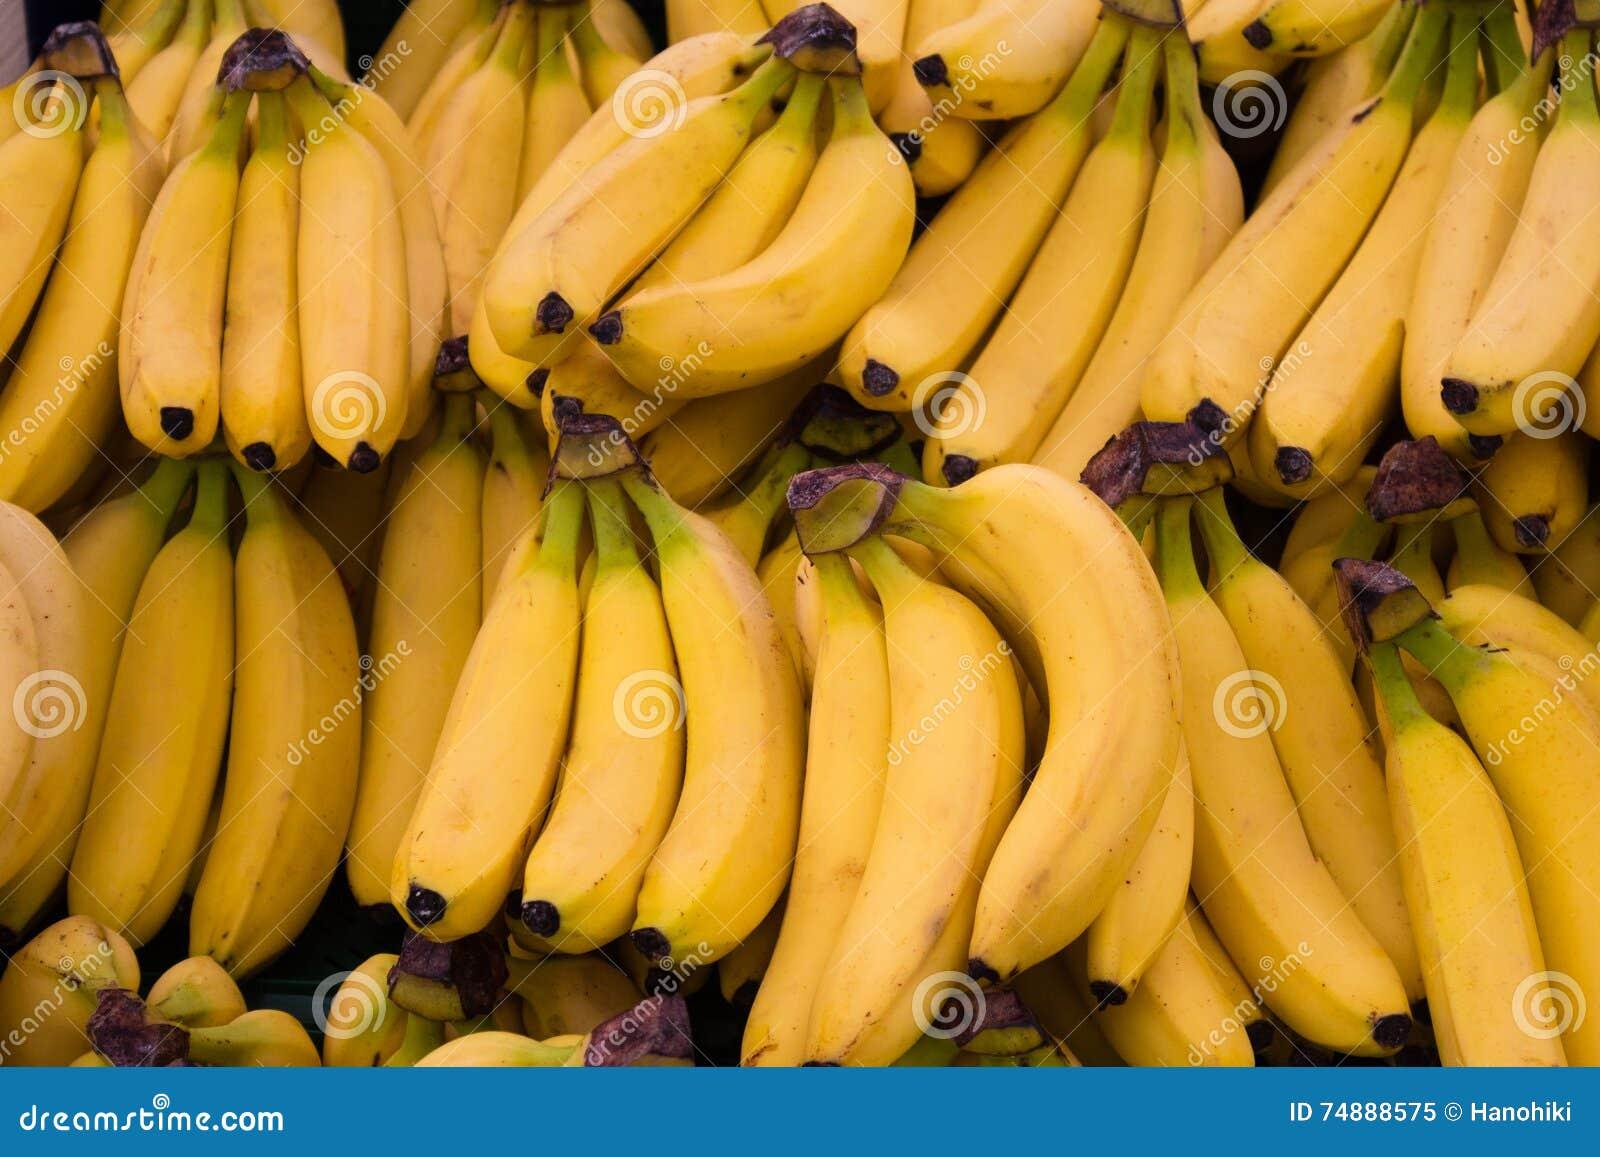 Bananenfrüchte - Lebensmittelhintergrund